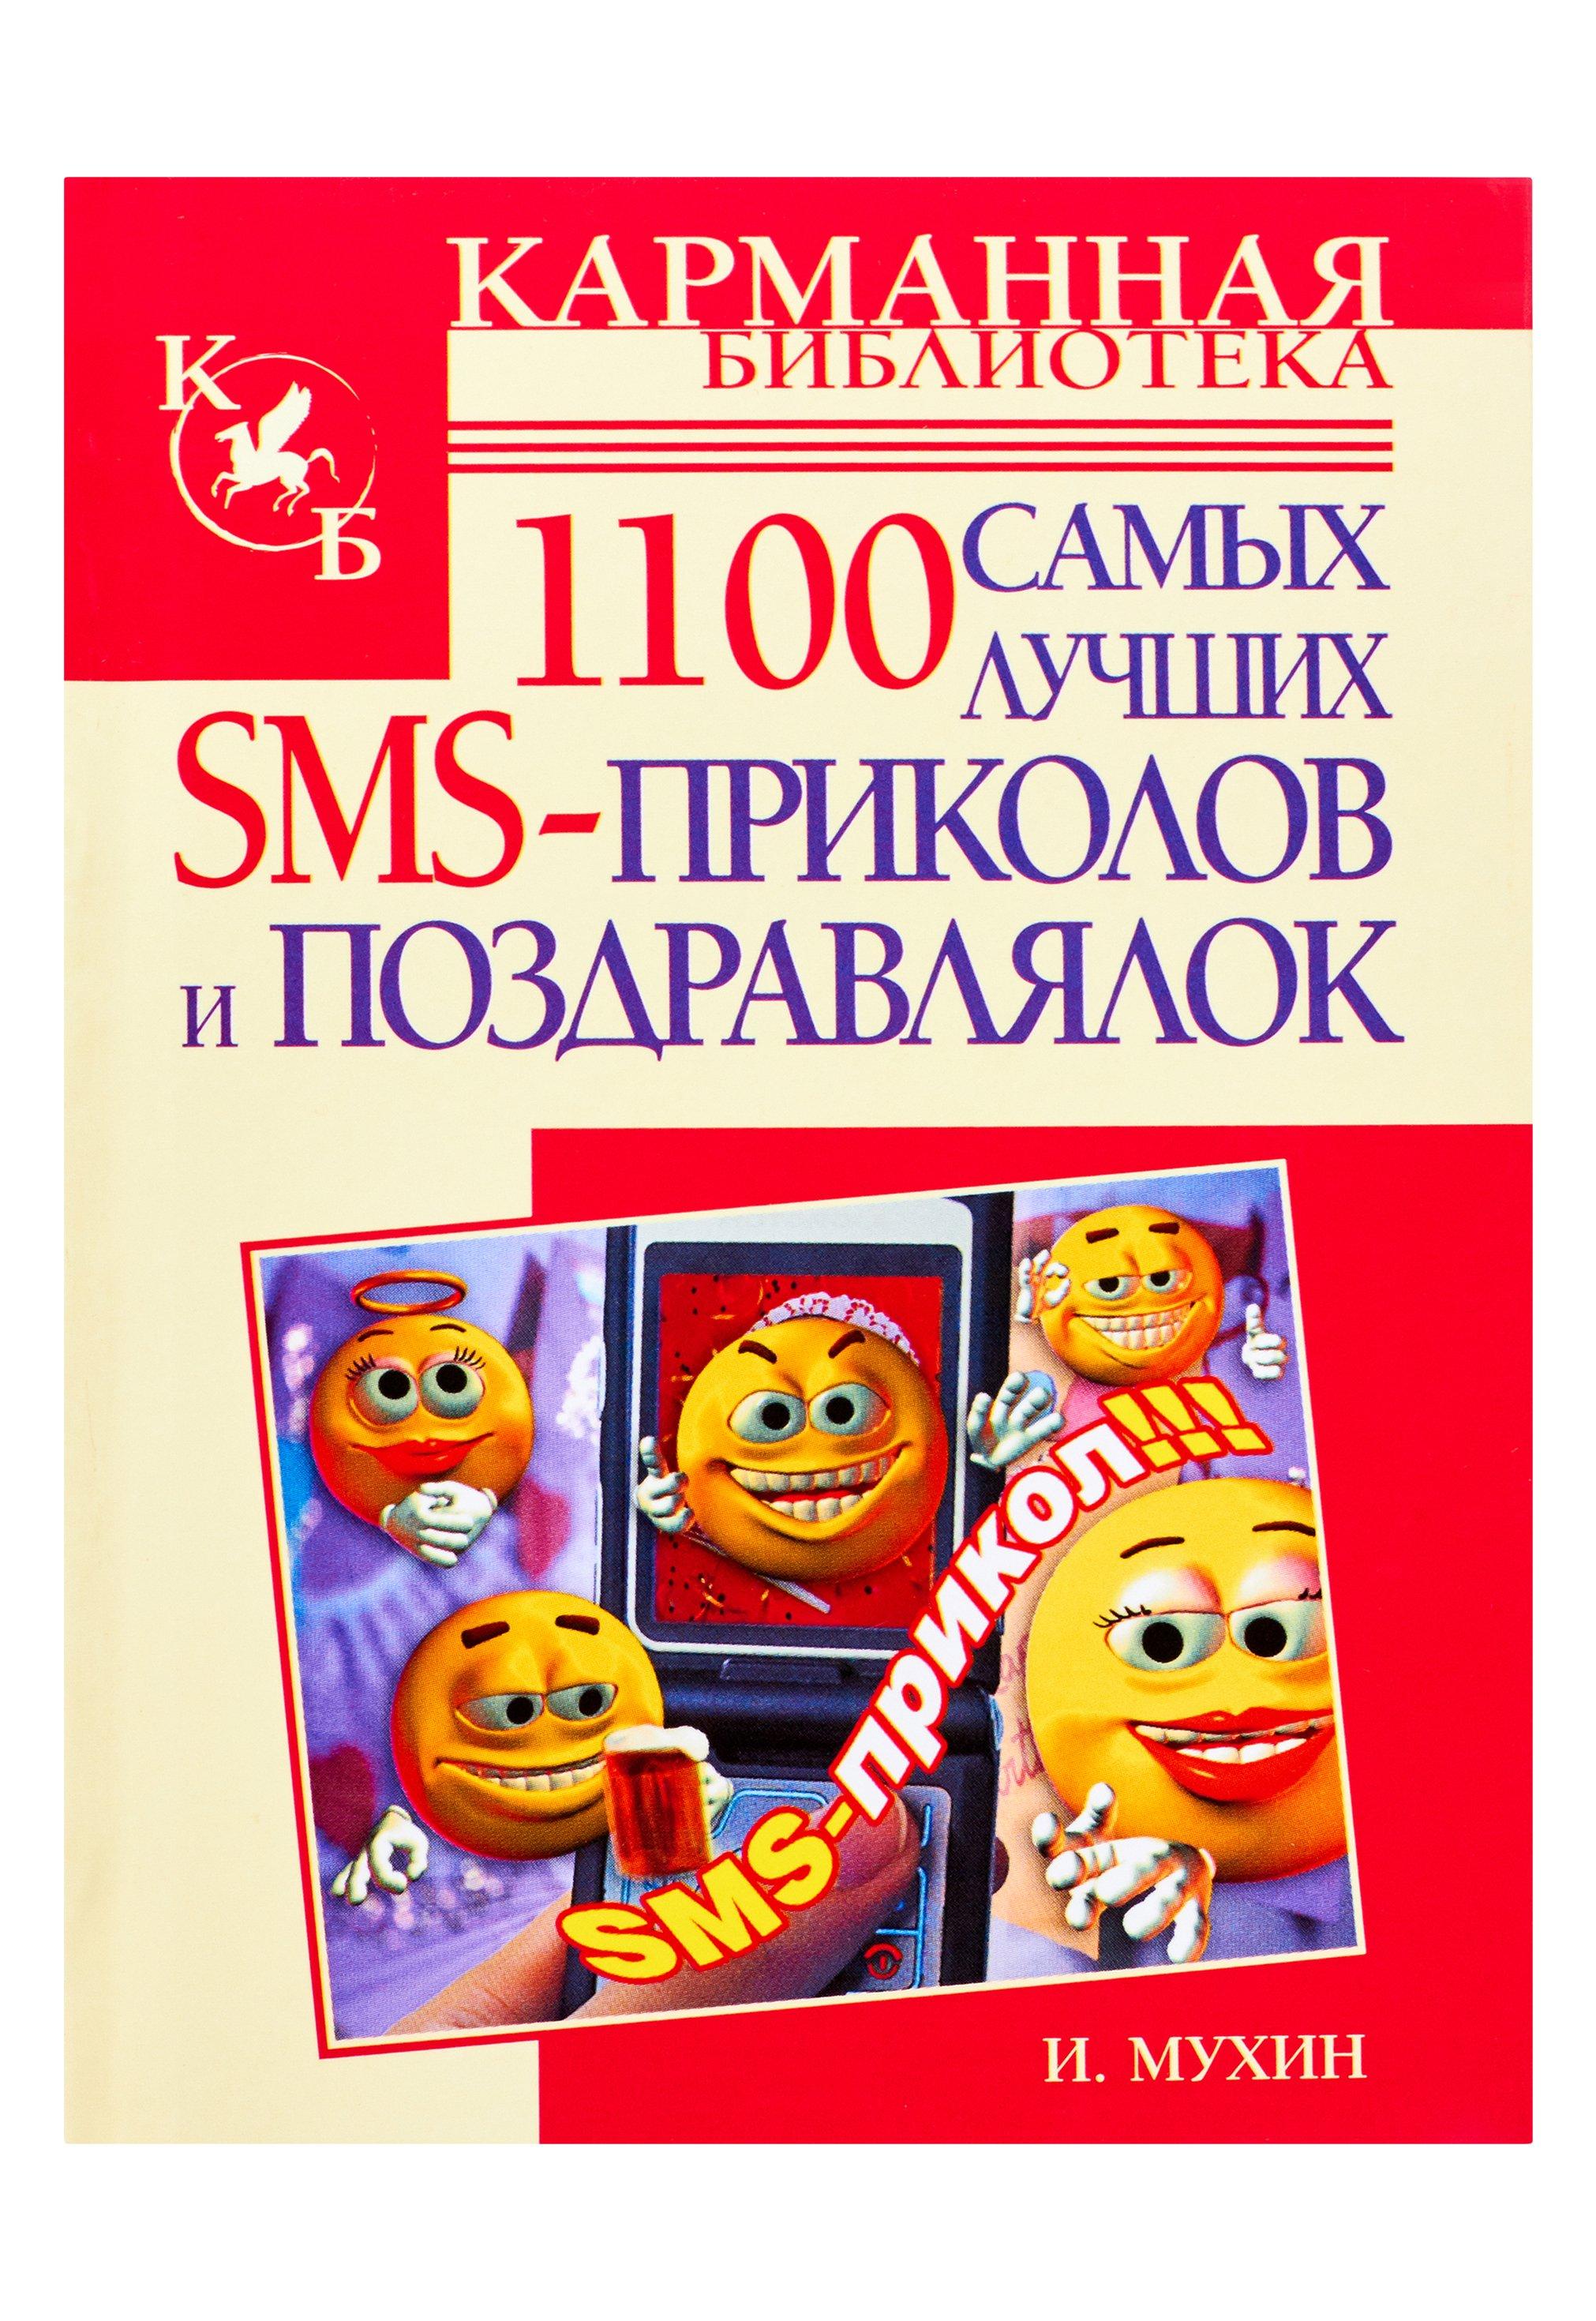 Мухин Игорь Георгиевич 1100 самых лучших SMS-приколов и поздравлялок